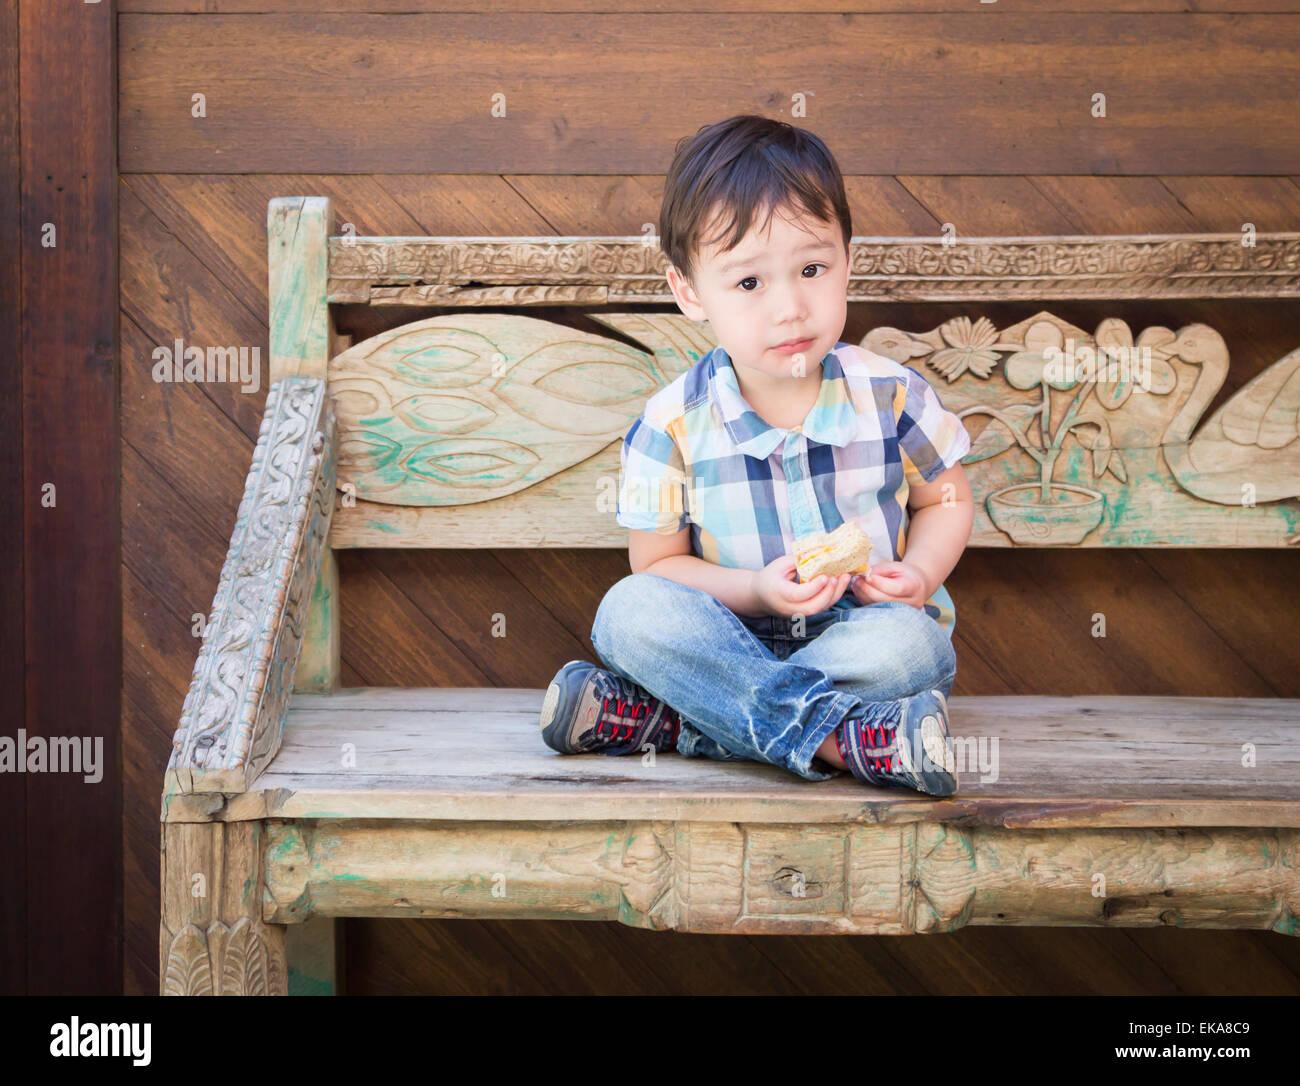 Niedliche entspannt Mischlinge Junge sitzt auf der Bank sein Sandwich zu essen. Stockbild